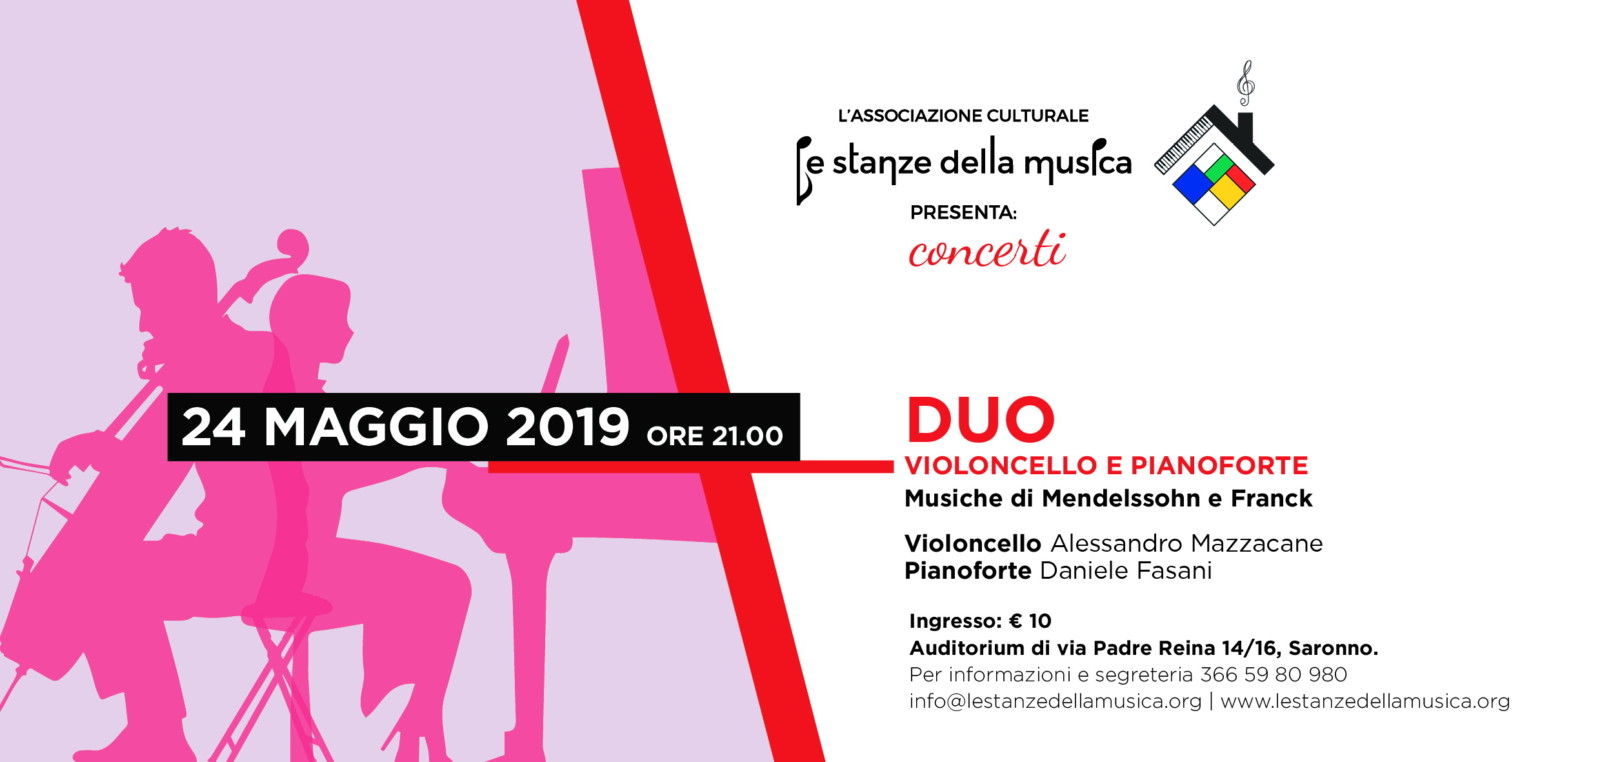 Concerto_Duovioloncello-pianoforte_